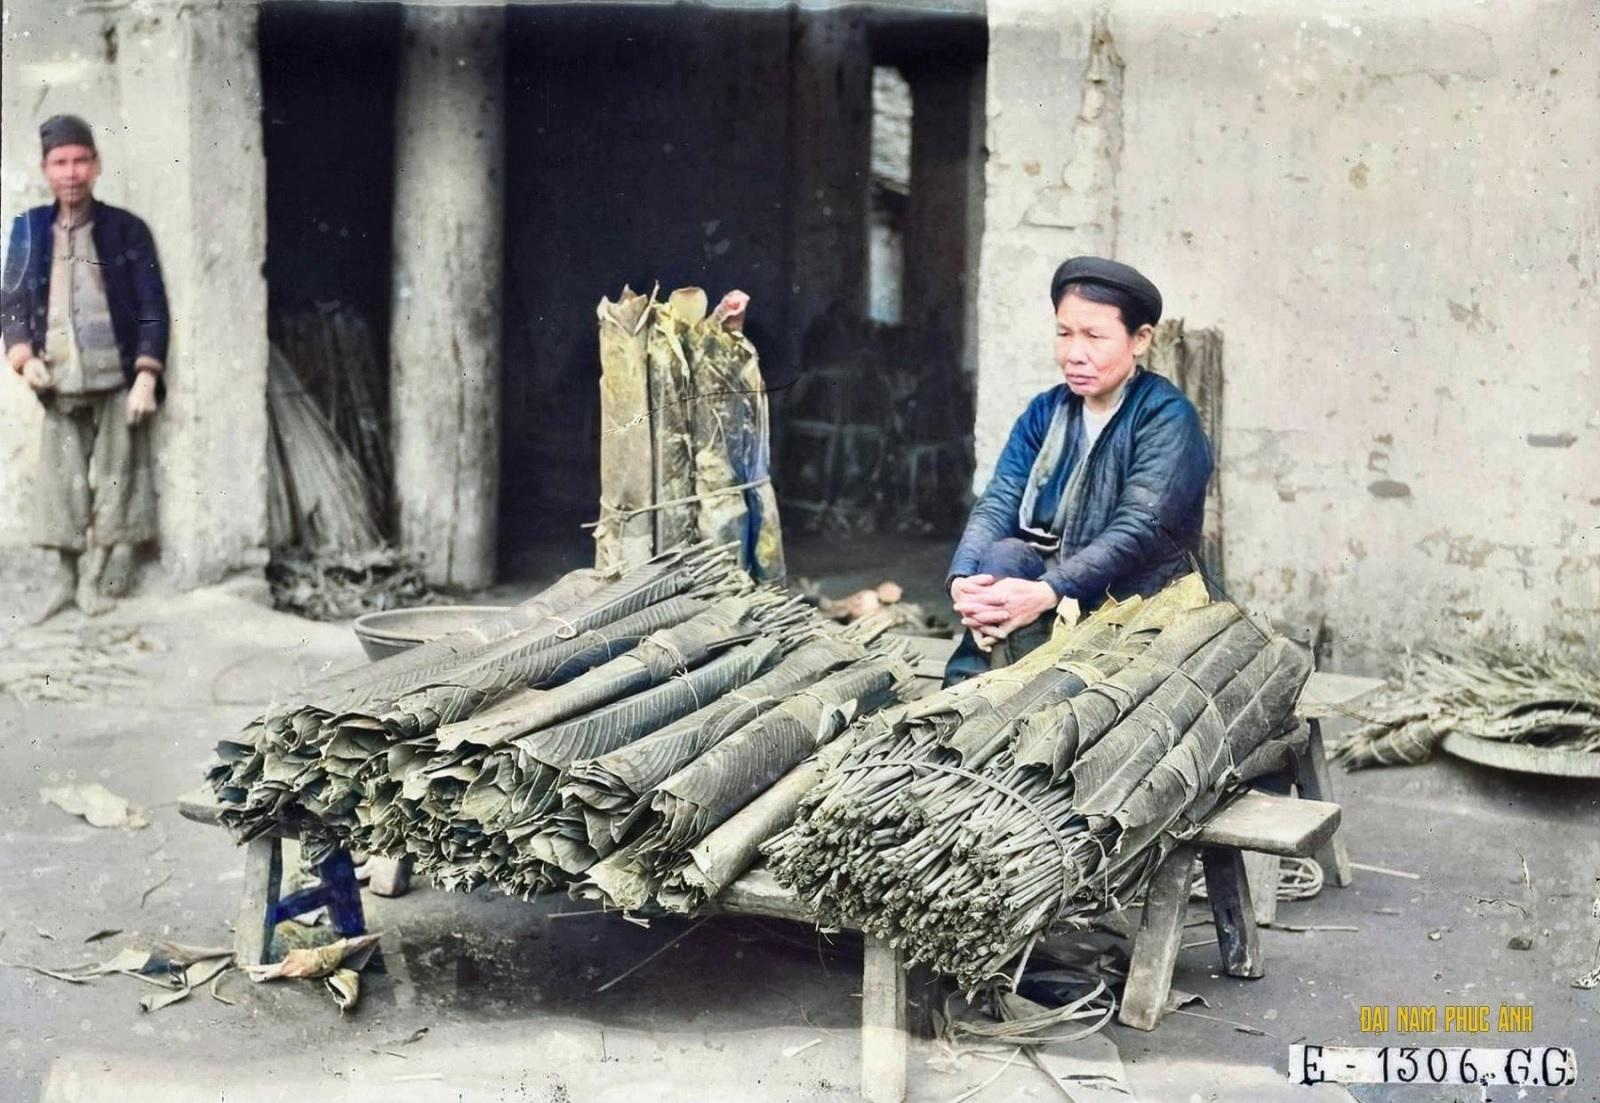 Hình ảnh Tết Hà Nội xưa với gian hàng bán lá dong